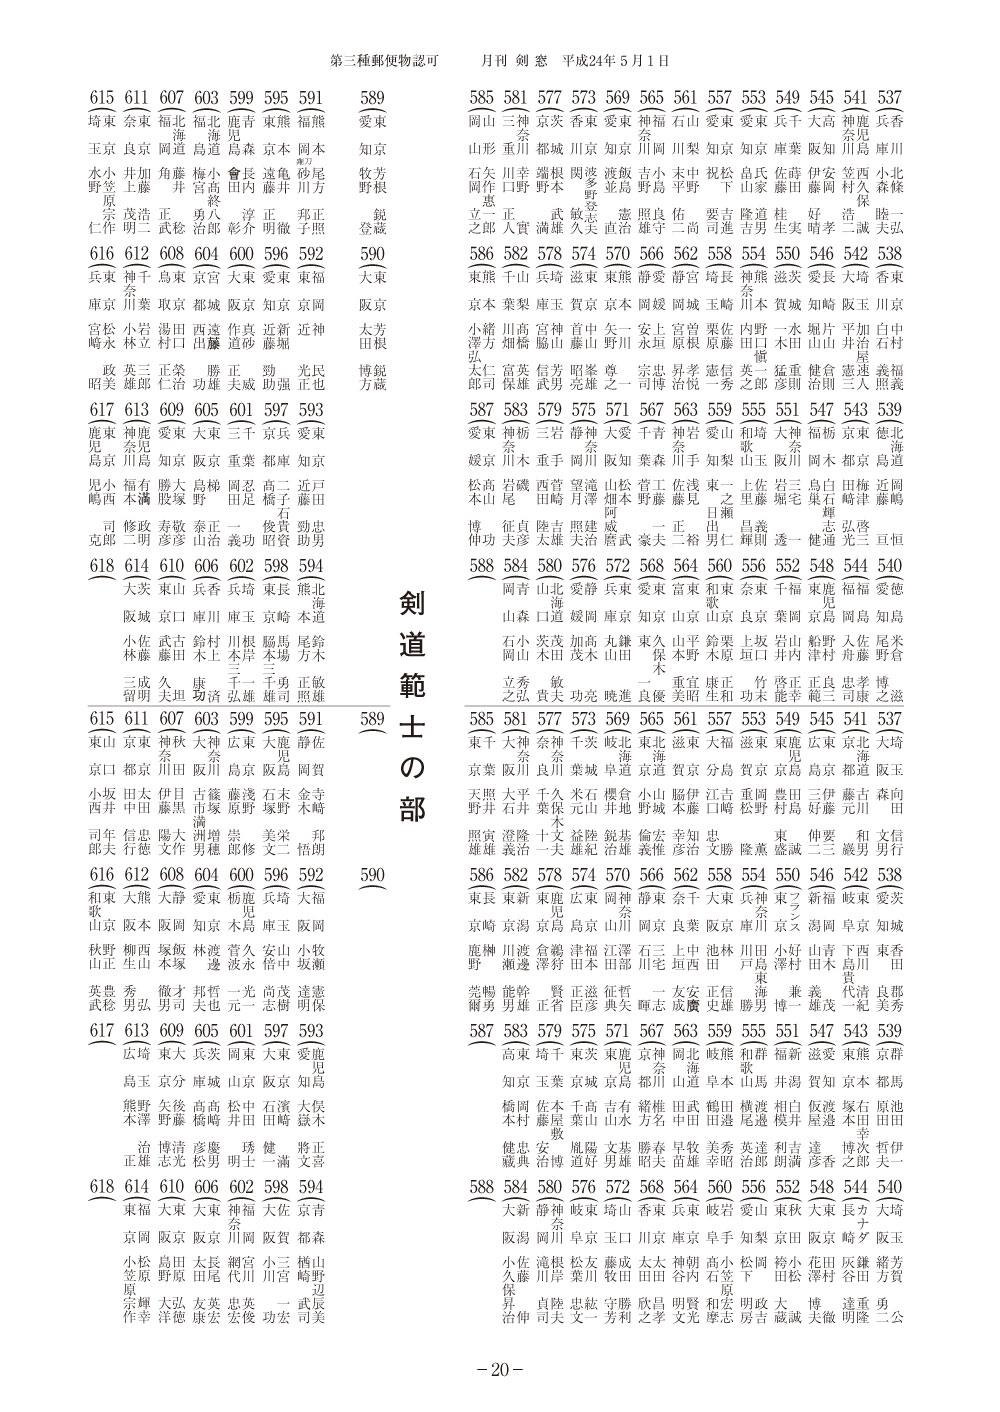 第108回全日本剣道演武大会(剣道)組合せ_007